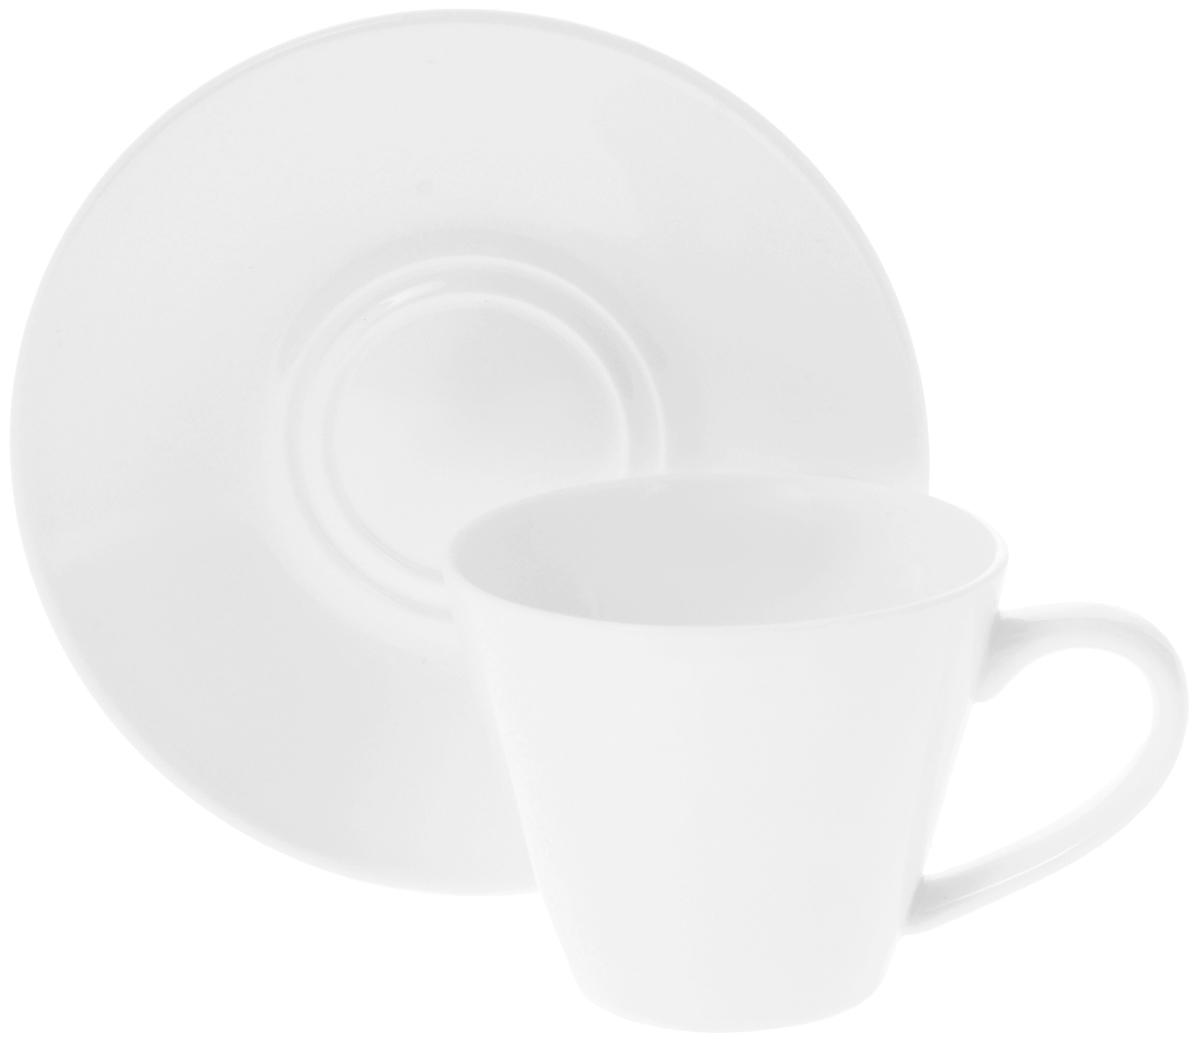 Чайная пара Wilmax, 2 предмета. WL-993004WL-993004 / ABЧайная пара Wilmax состоит из чашки и блюдца, выполненных из высококачественного фарфора и оформленных в классическом стиле. Оригинальный дизайн обязательно придется вам по вкусу. Чайная пара Wilmax украсит ваш кухонный стол, а также станет замечательным подарком к любому празднику. Объем чашки: 180 мл. Диаметр чашки (по верхнему краю): 8 см. Диаметр основания чашки: 4,5 см. Высота чашки: 7 см. Диаметр блюдца: 14 см.